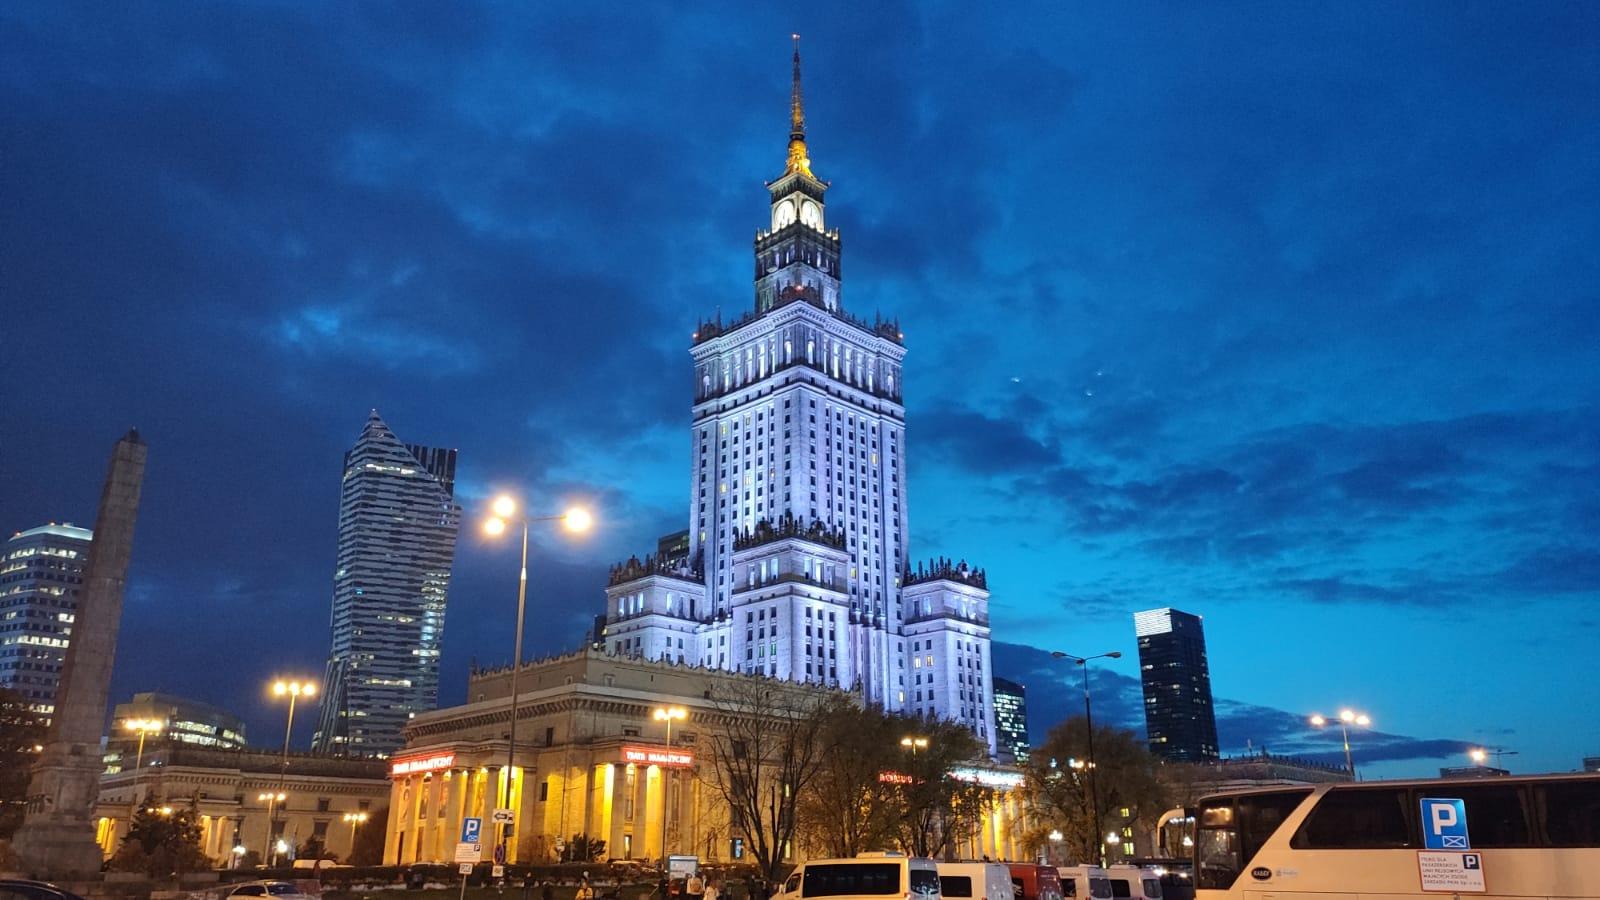 ポーランドの高層ビル